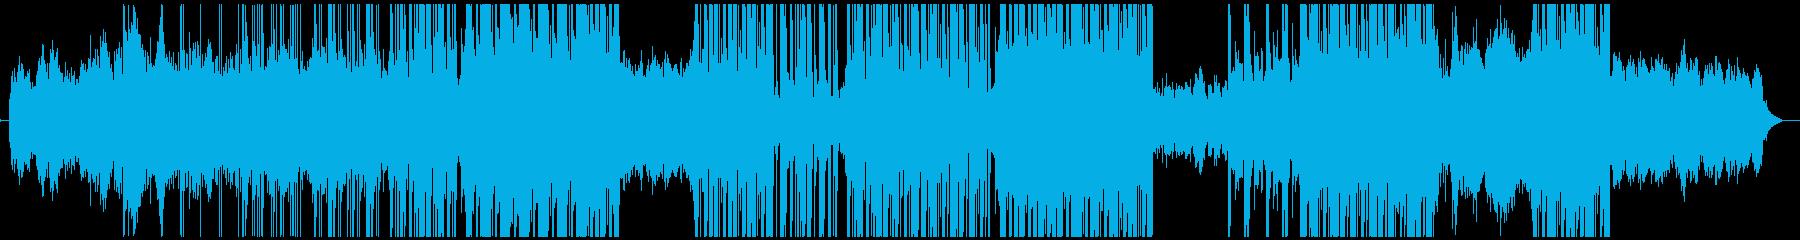 チルアウト・海・ヒップホップ★の再生済みの波形